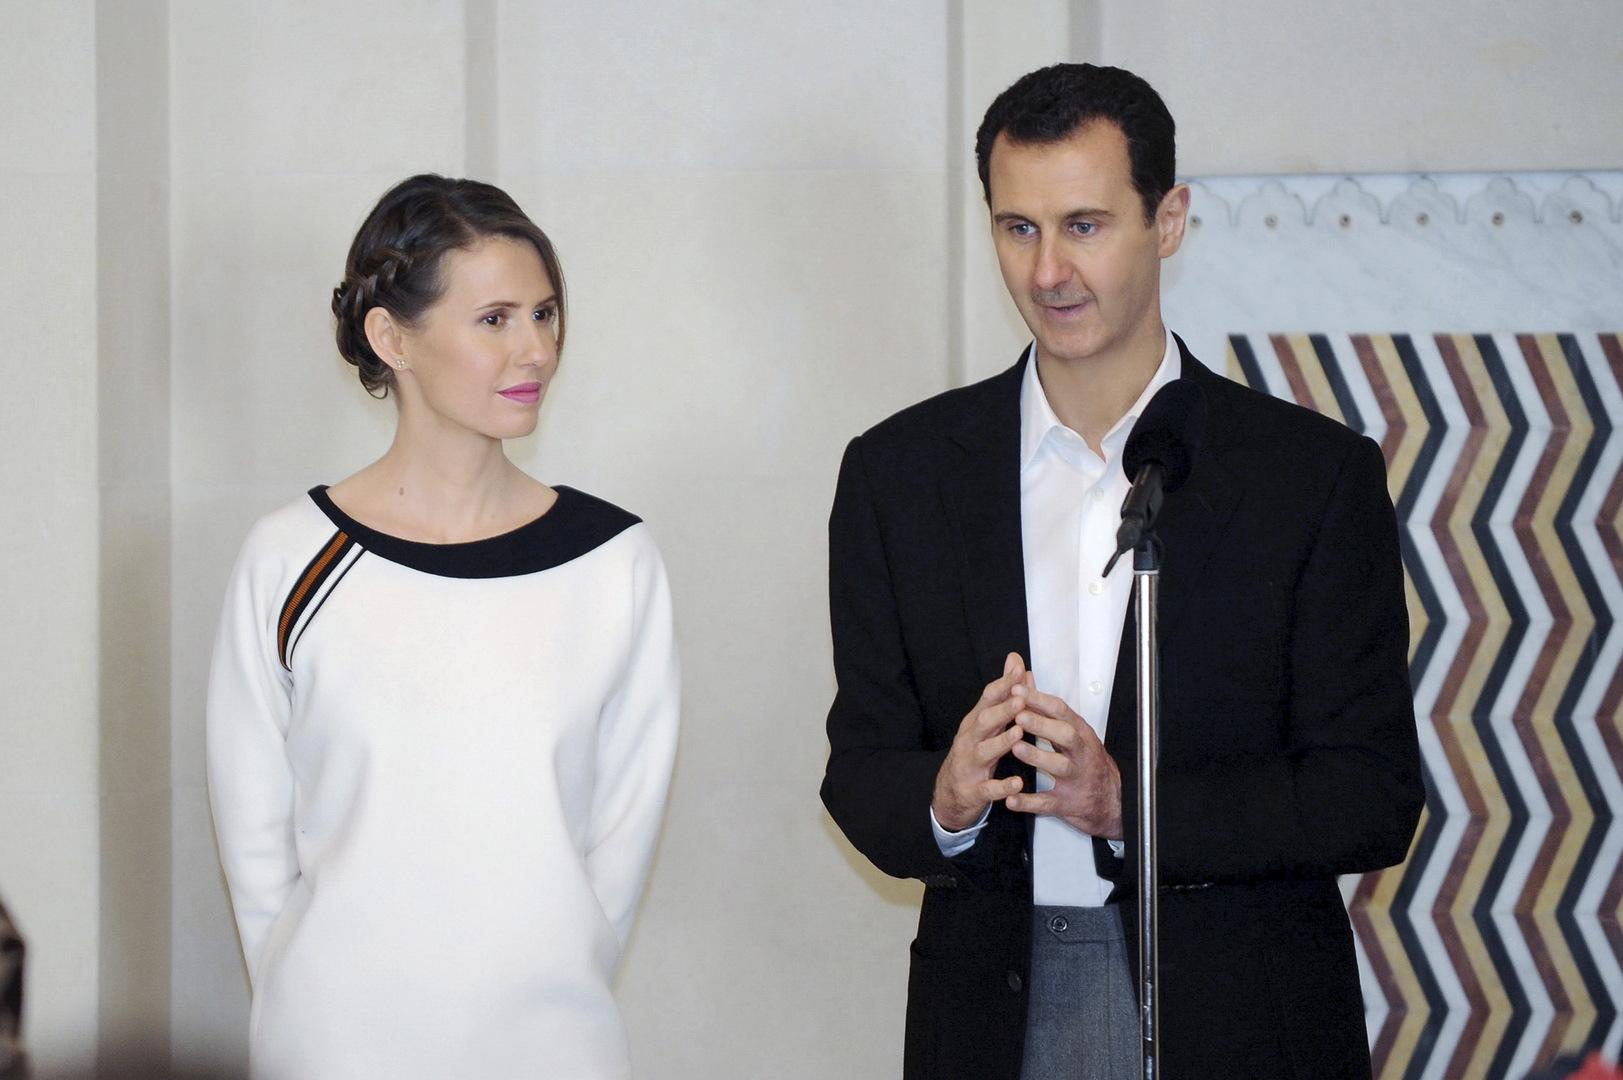 المسحة الأخيرة سلبية.. الرئاسة السورية تعلن انتهاء العزل الصحي للأسد وعقيلته بعد تعافيهما من كورونا